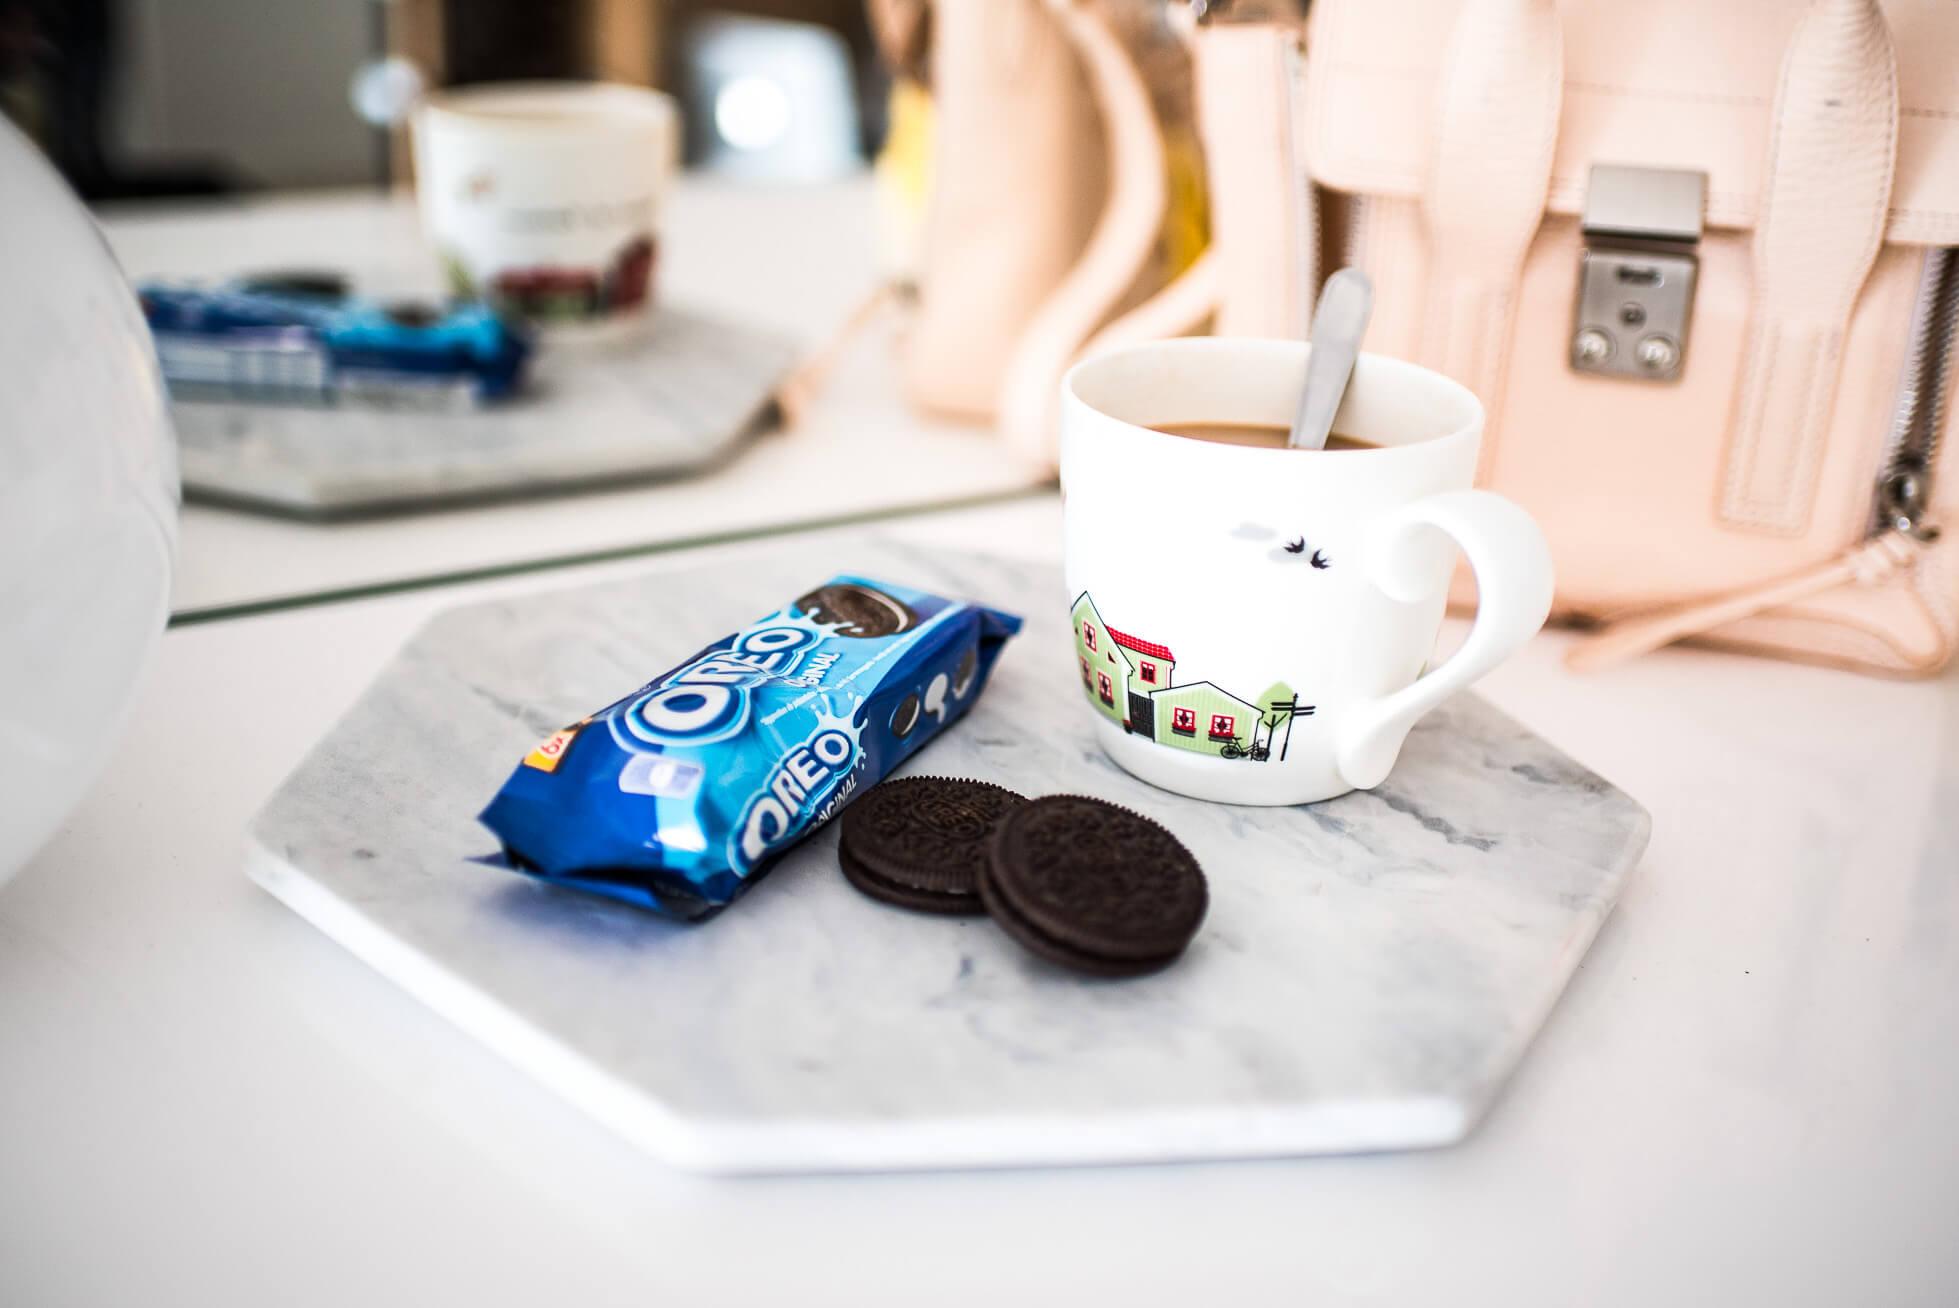 janni-deler-cookies-milkDSC_7161-2